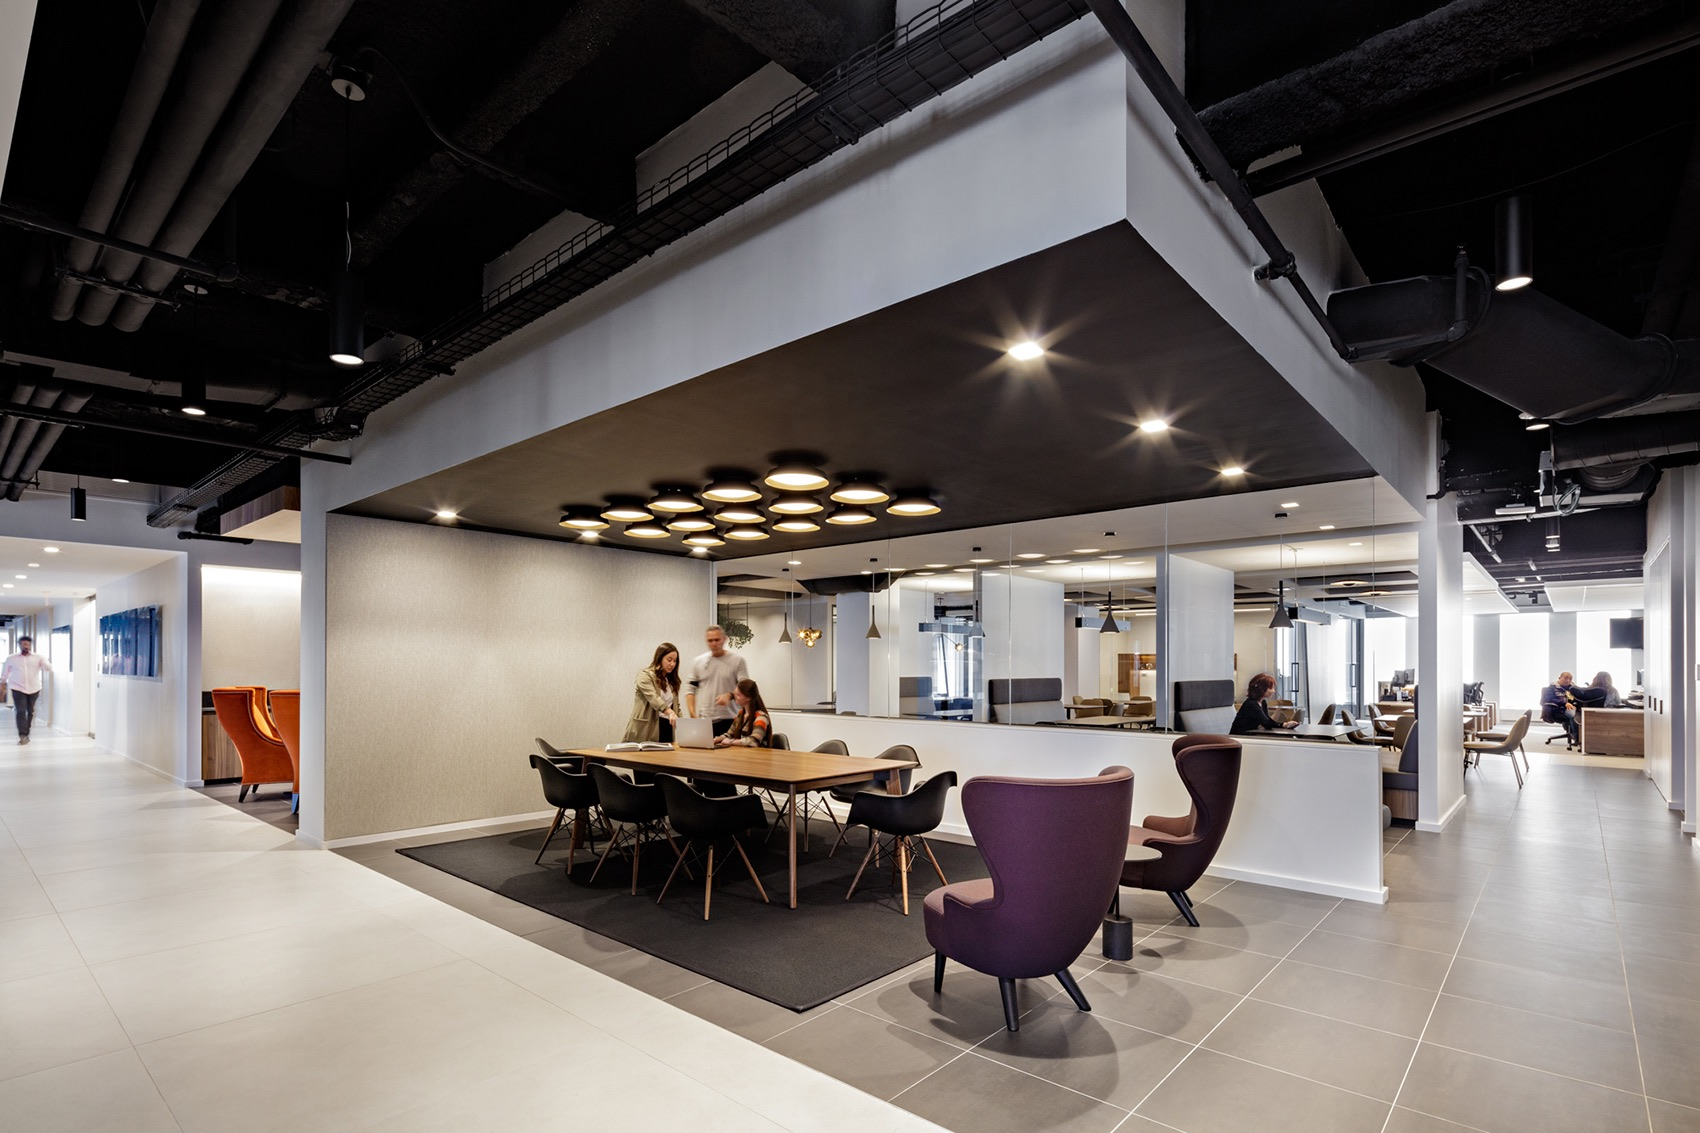 waterfall-asset-management-office-7